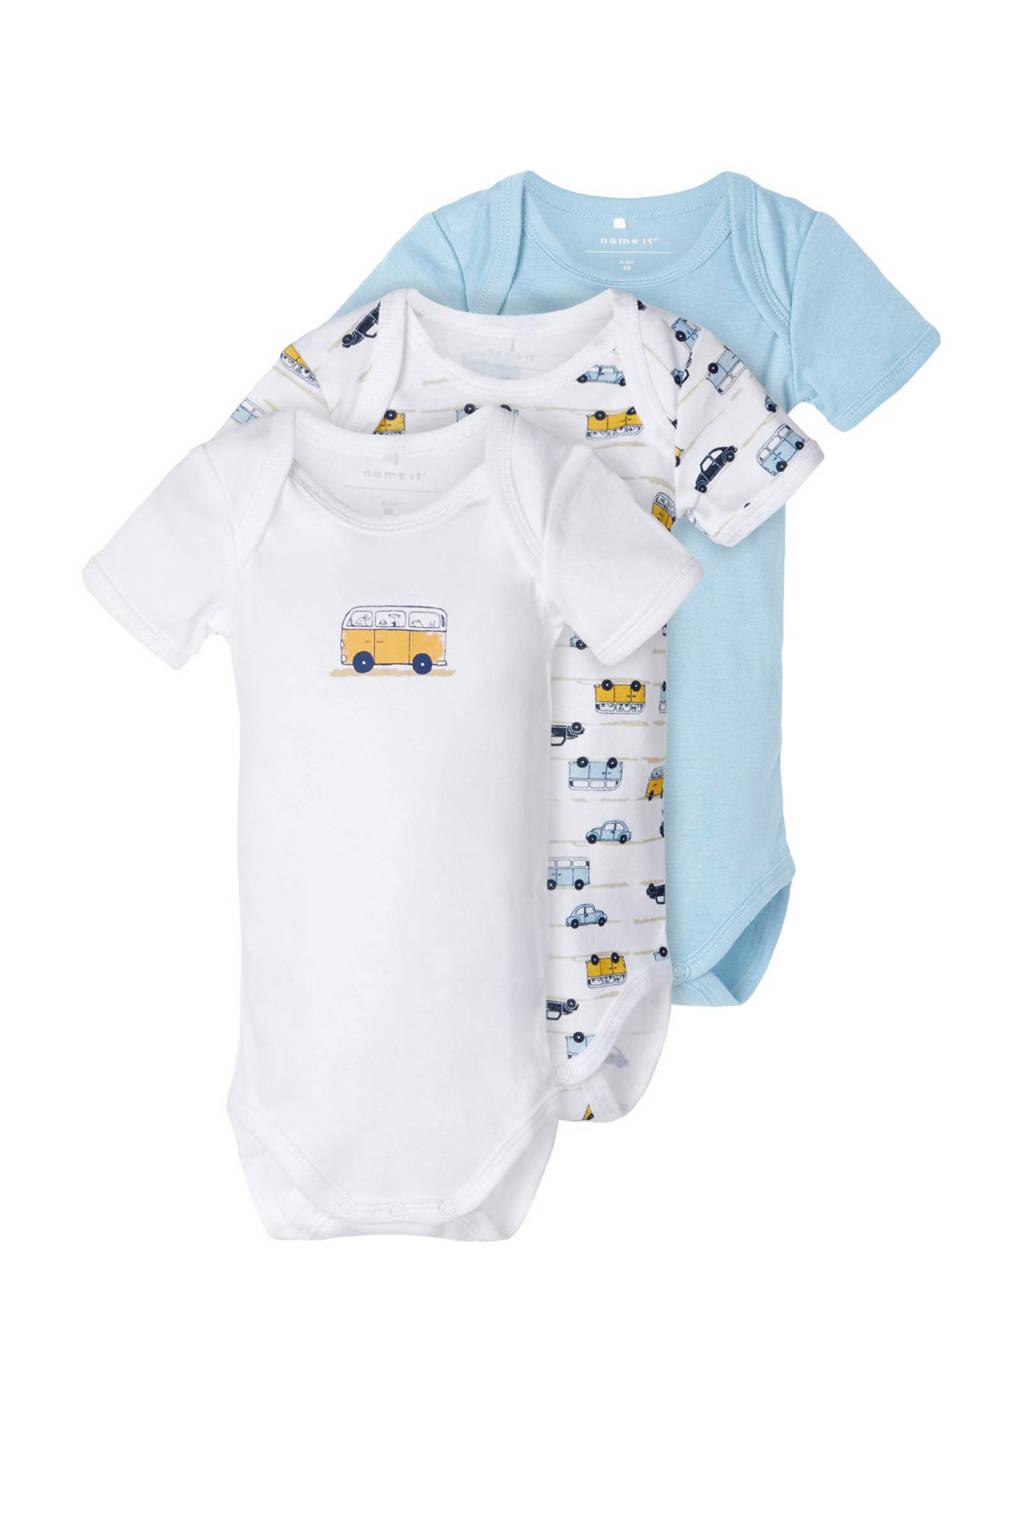 NAME IT BABY romper - set van 3 wit/lichtblauw/geel, Wit/lichtblauw/geel